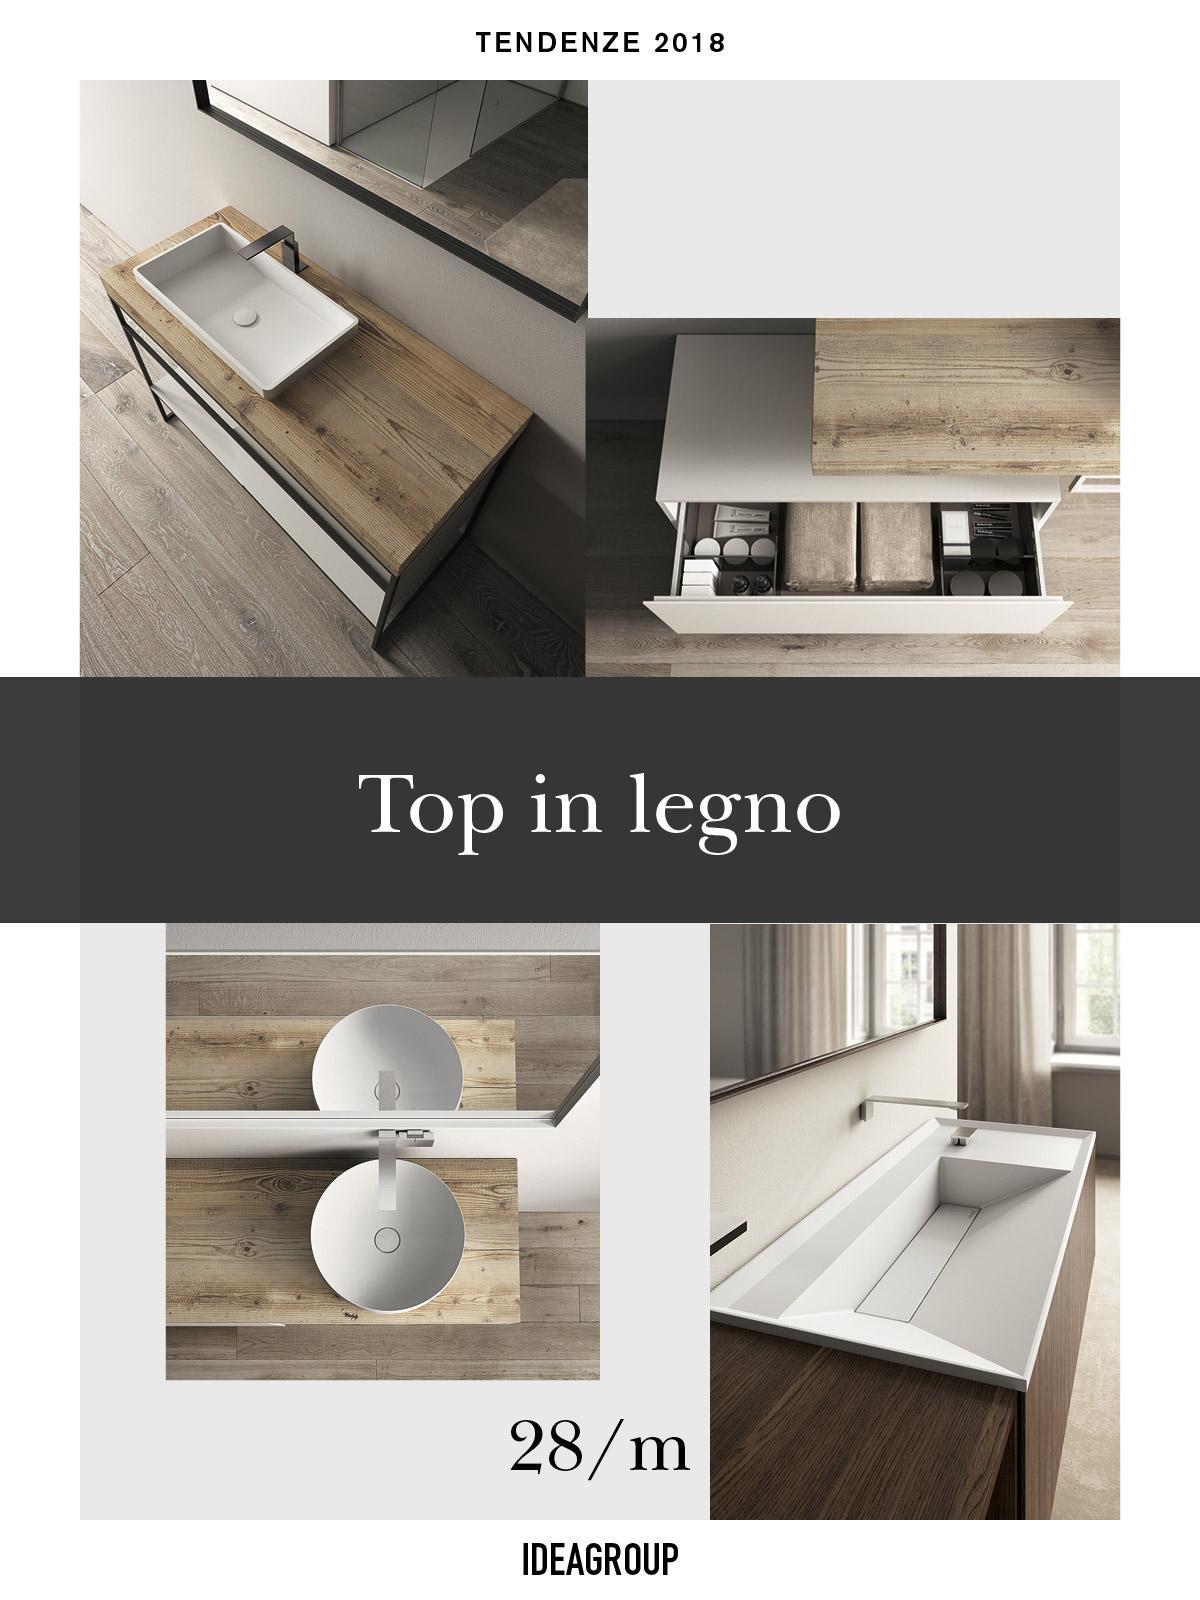 Top in legno: l\'arredo bagno di tendenza - Ideagroup Blog